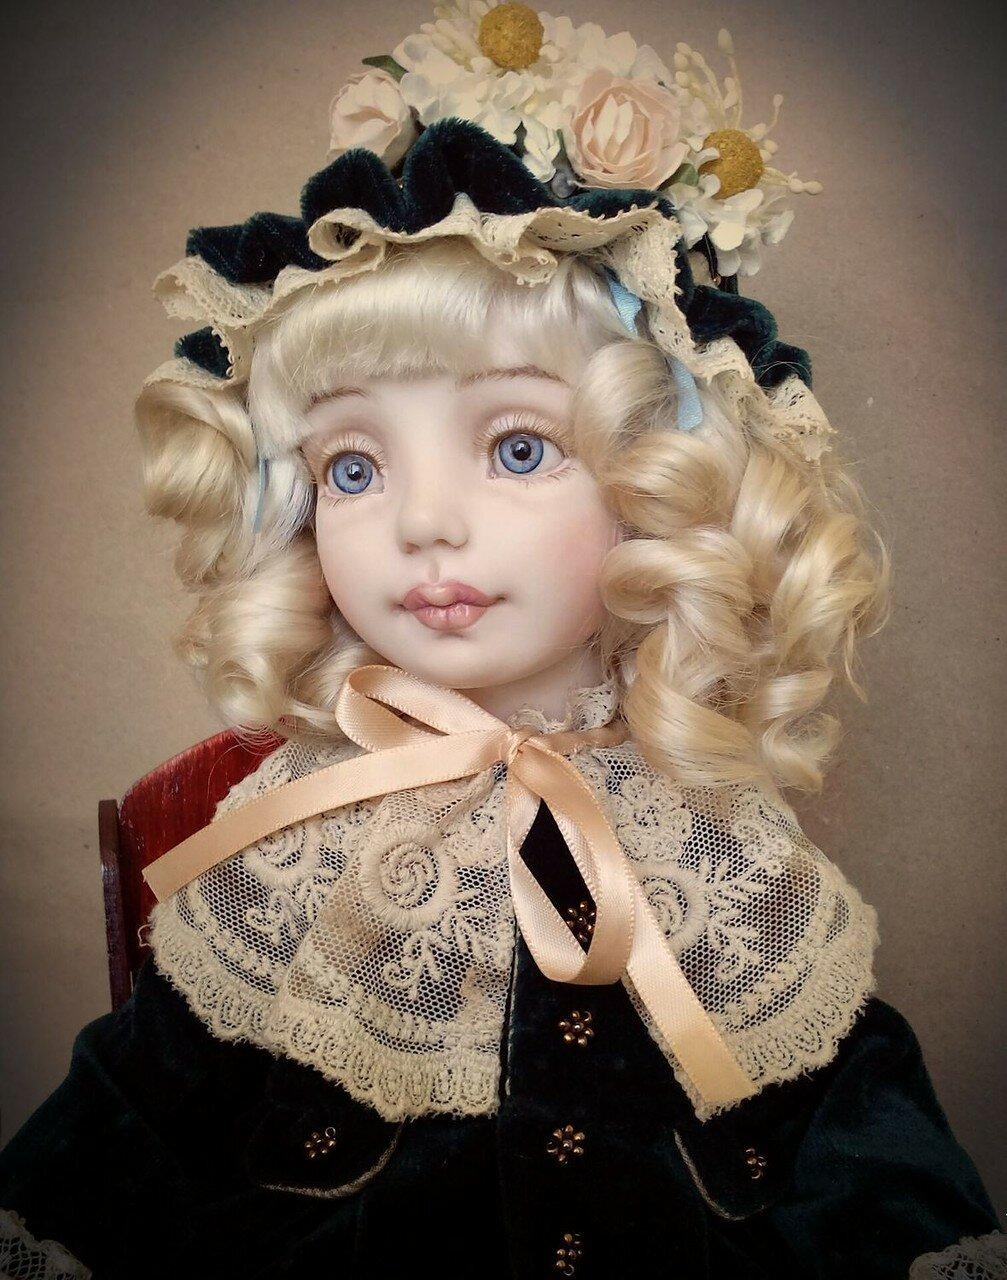 кукла авторская картинки продюсеры, режиссёры, пристальное